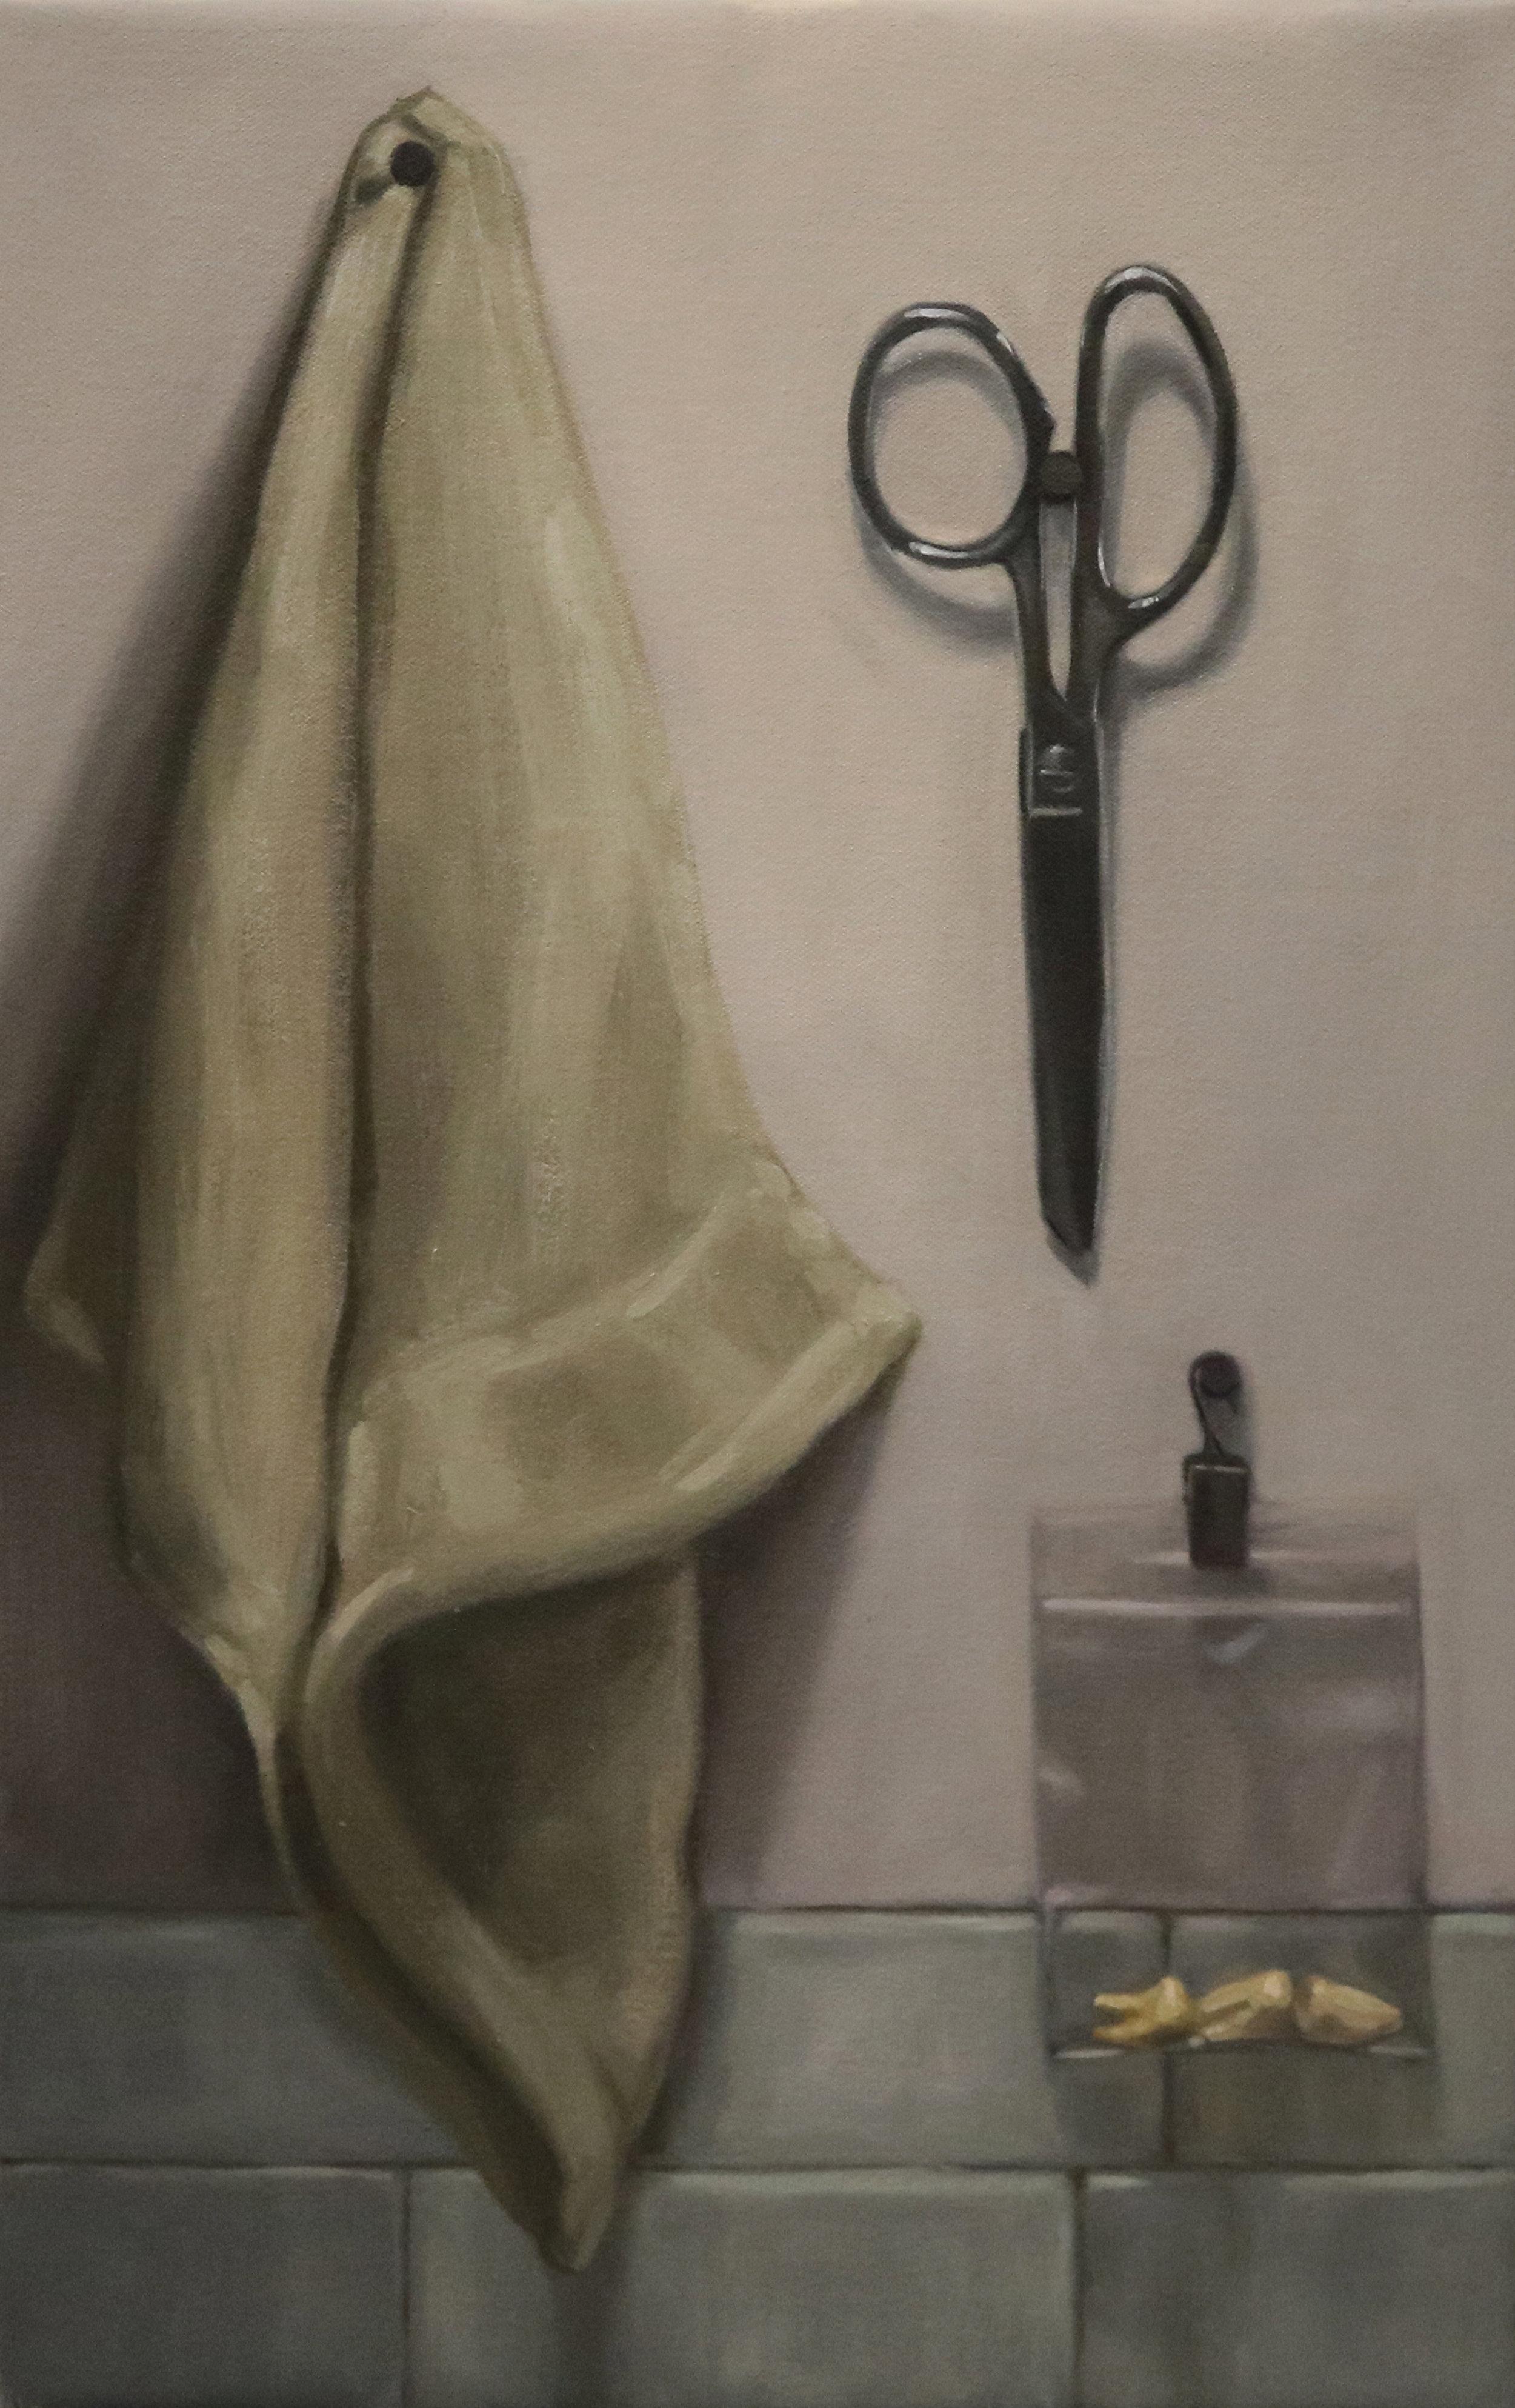 Washcloth, Scissors, Teeth